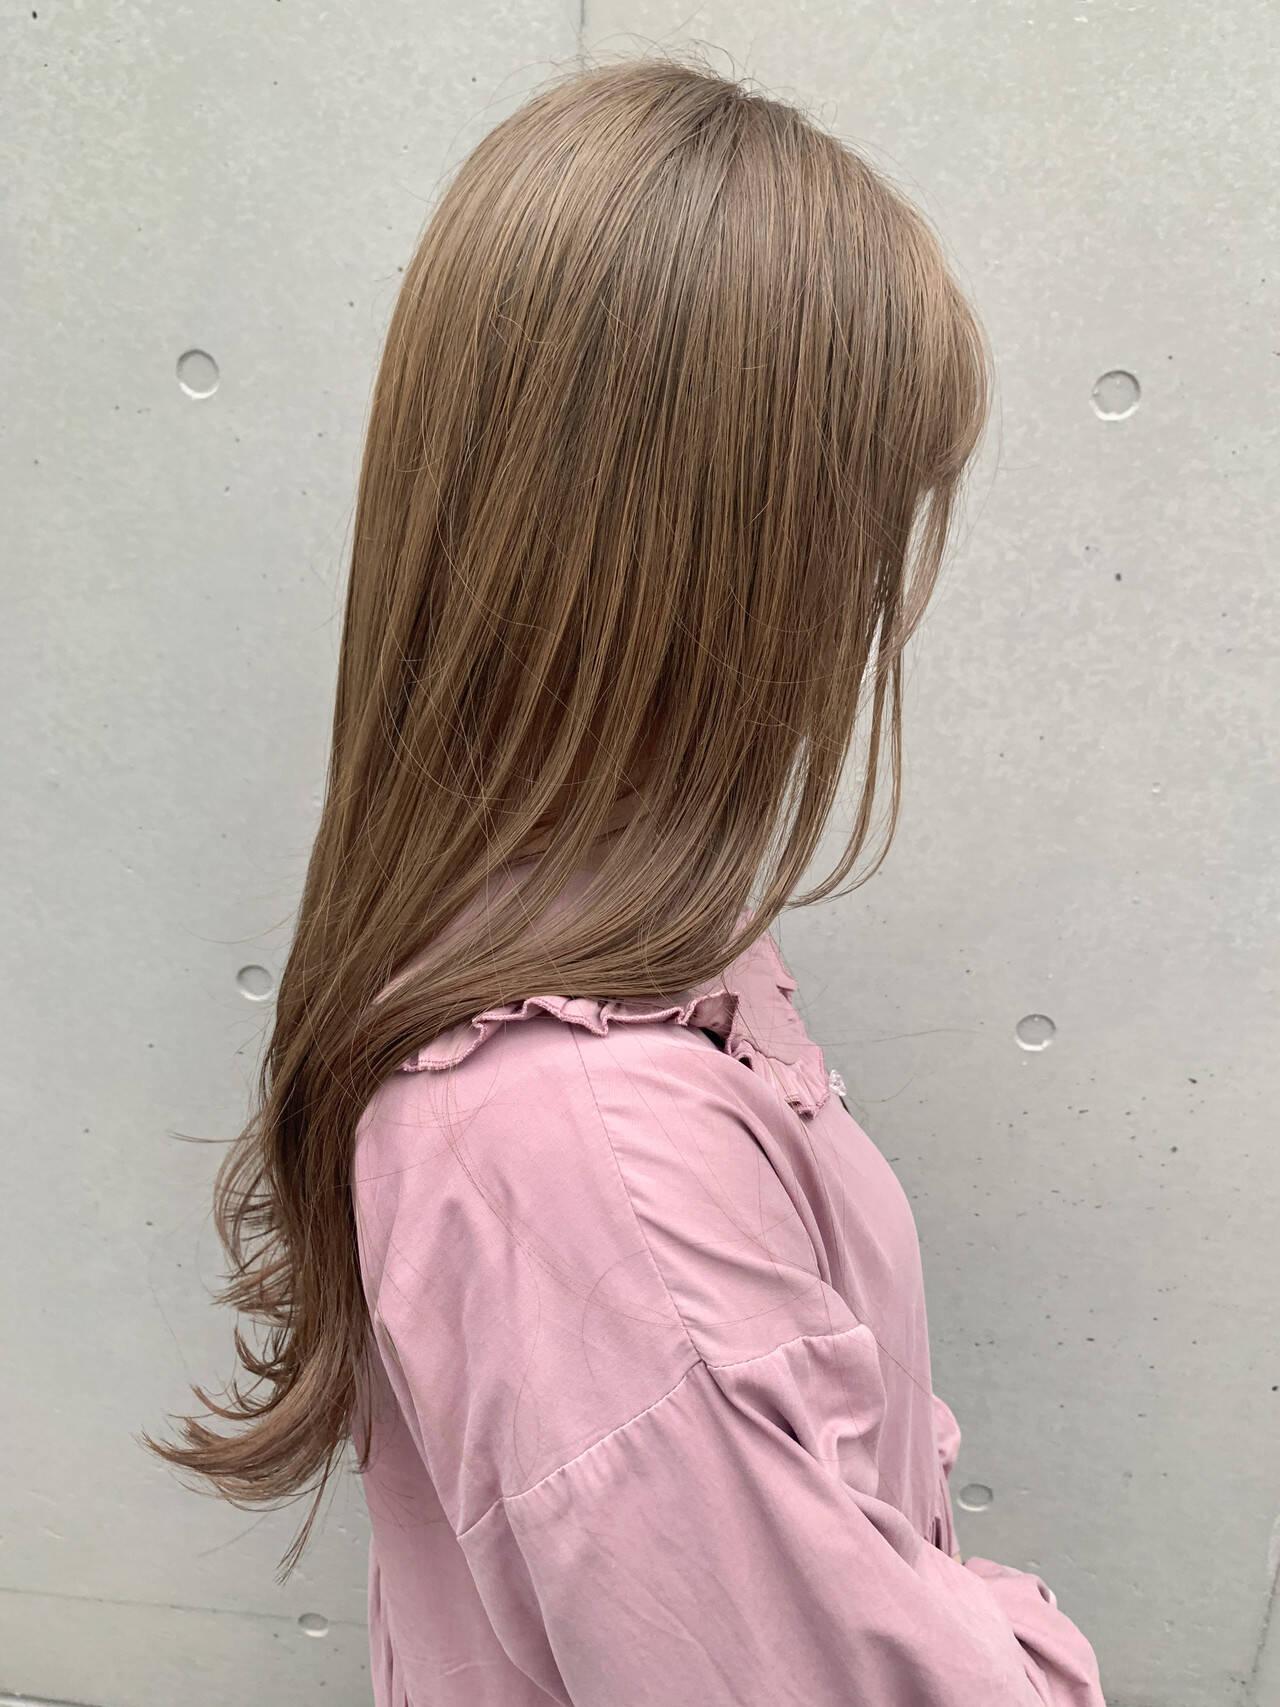 ハイトーンカラー ベージュ ミルクティーベージュ ロングヘアスタイルや髪型の写真・画像